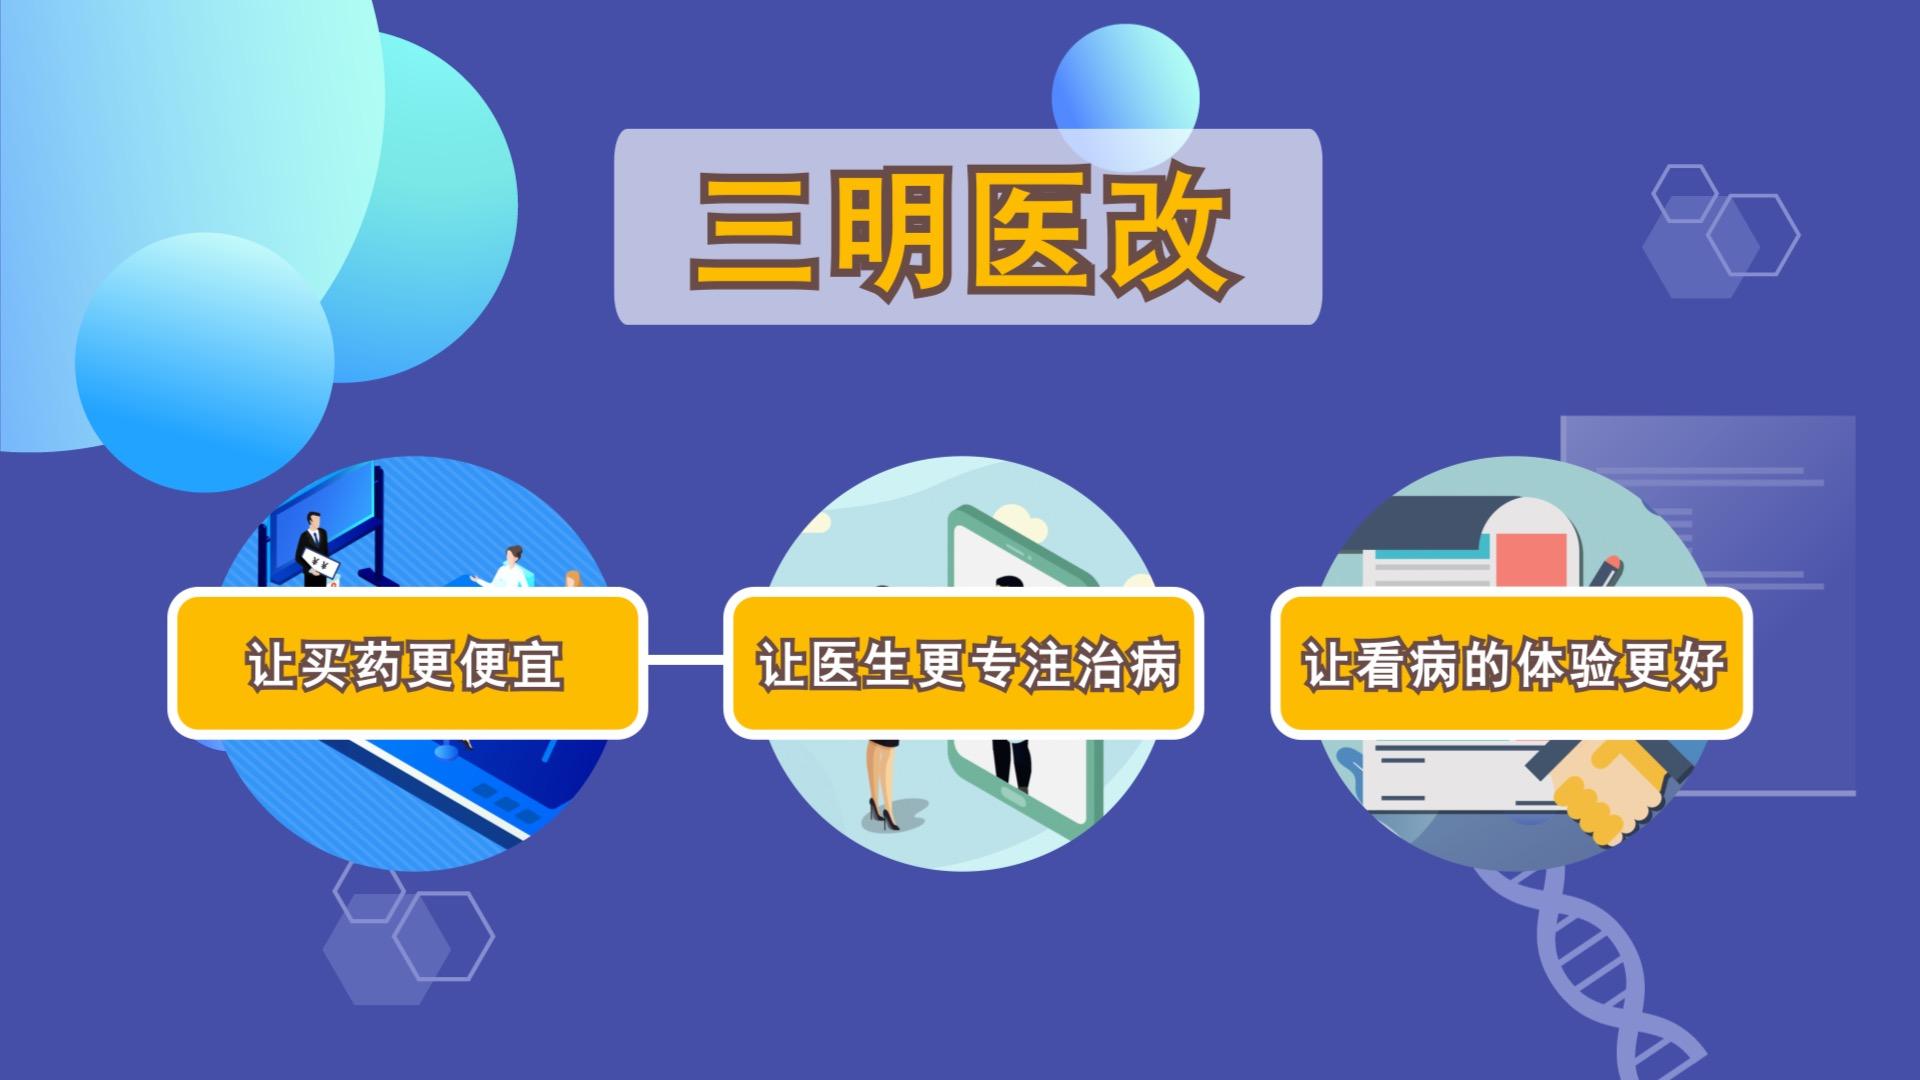 作为全国医改标杆,动画带你看福建三明医改到底改了什么?